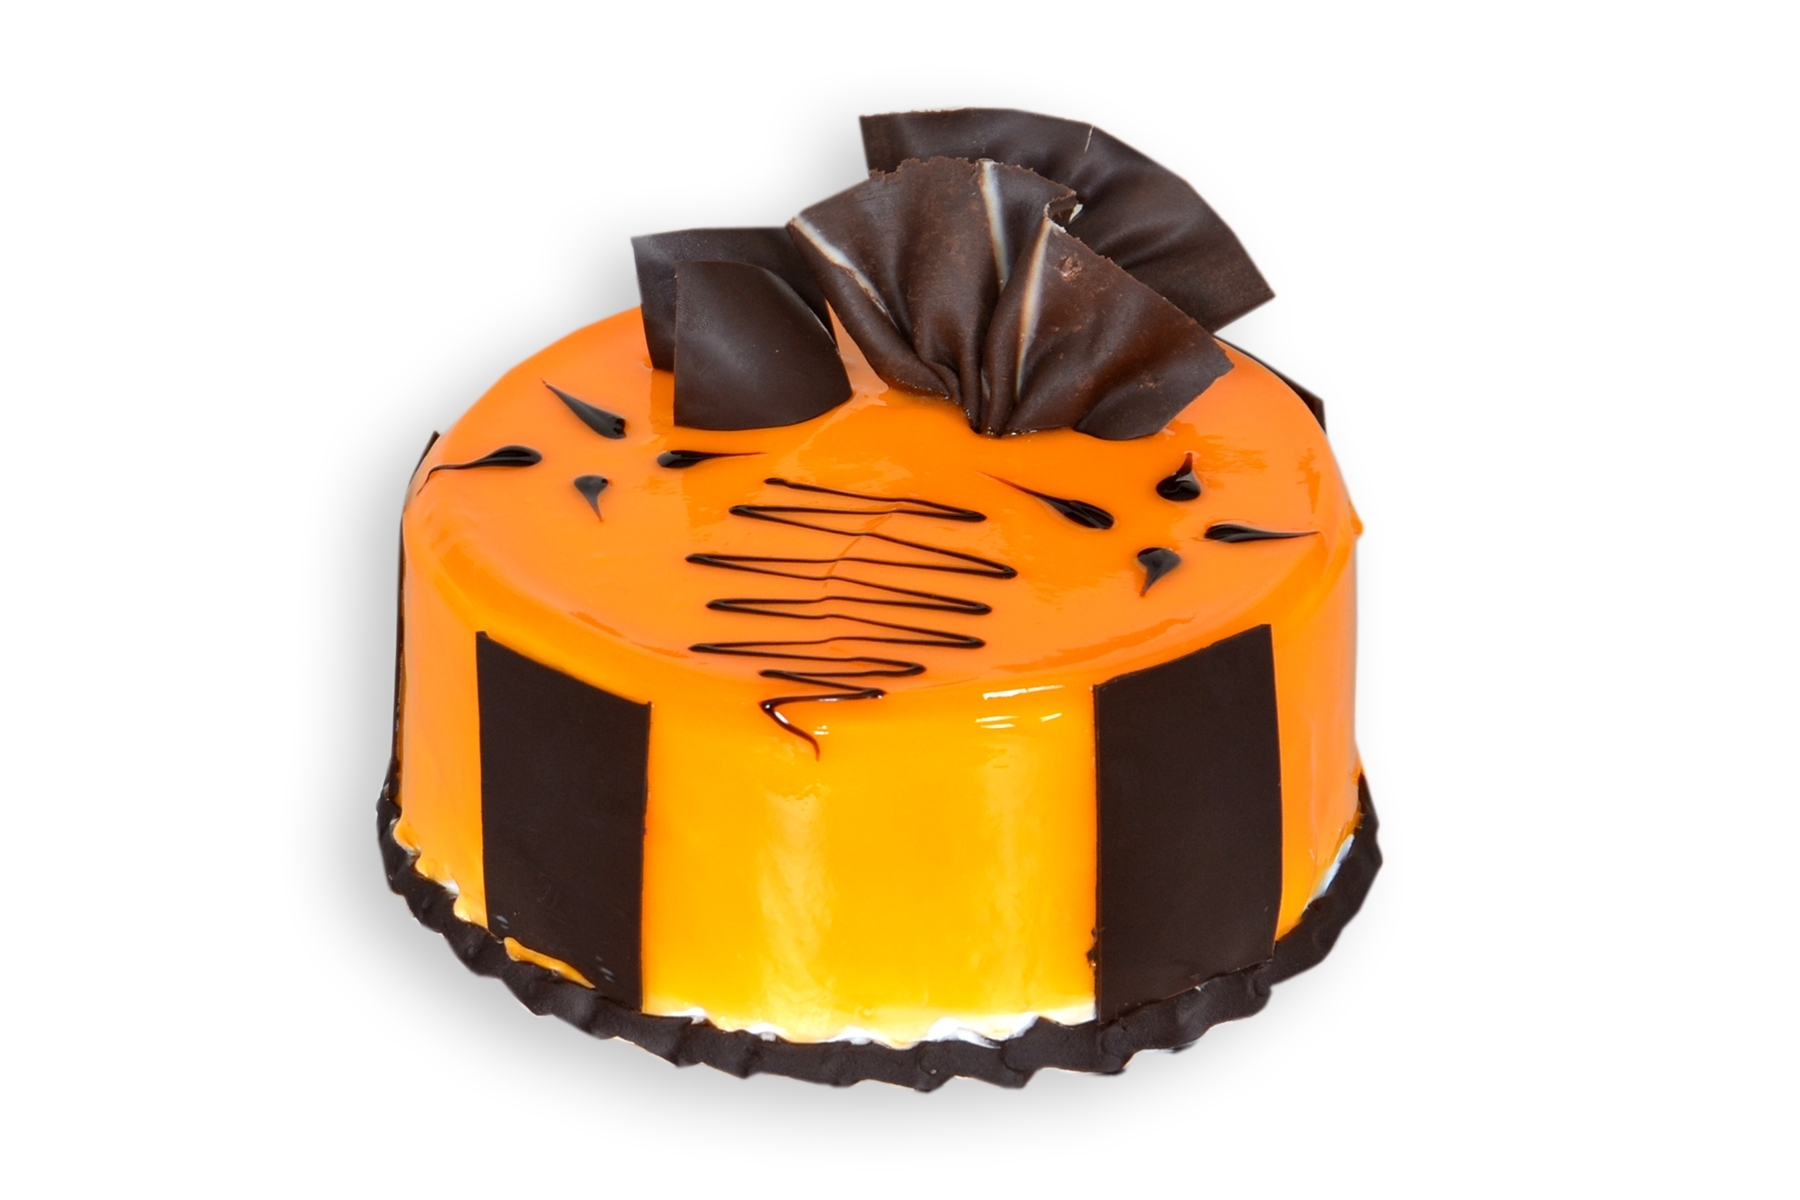 Mango Cake in Pune Designs, Images, Price